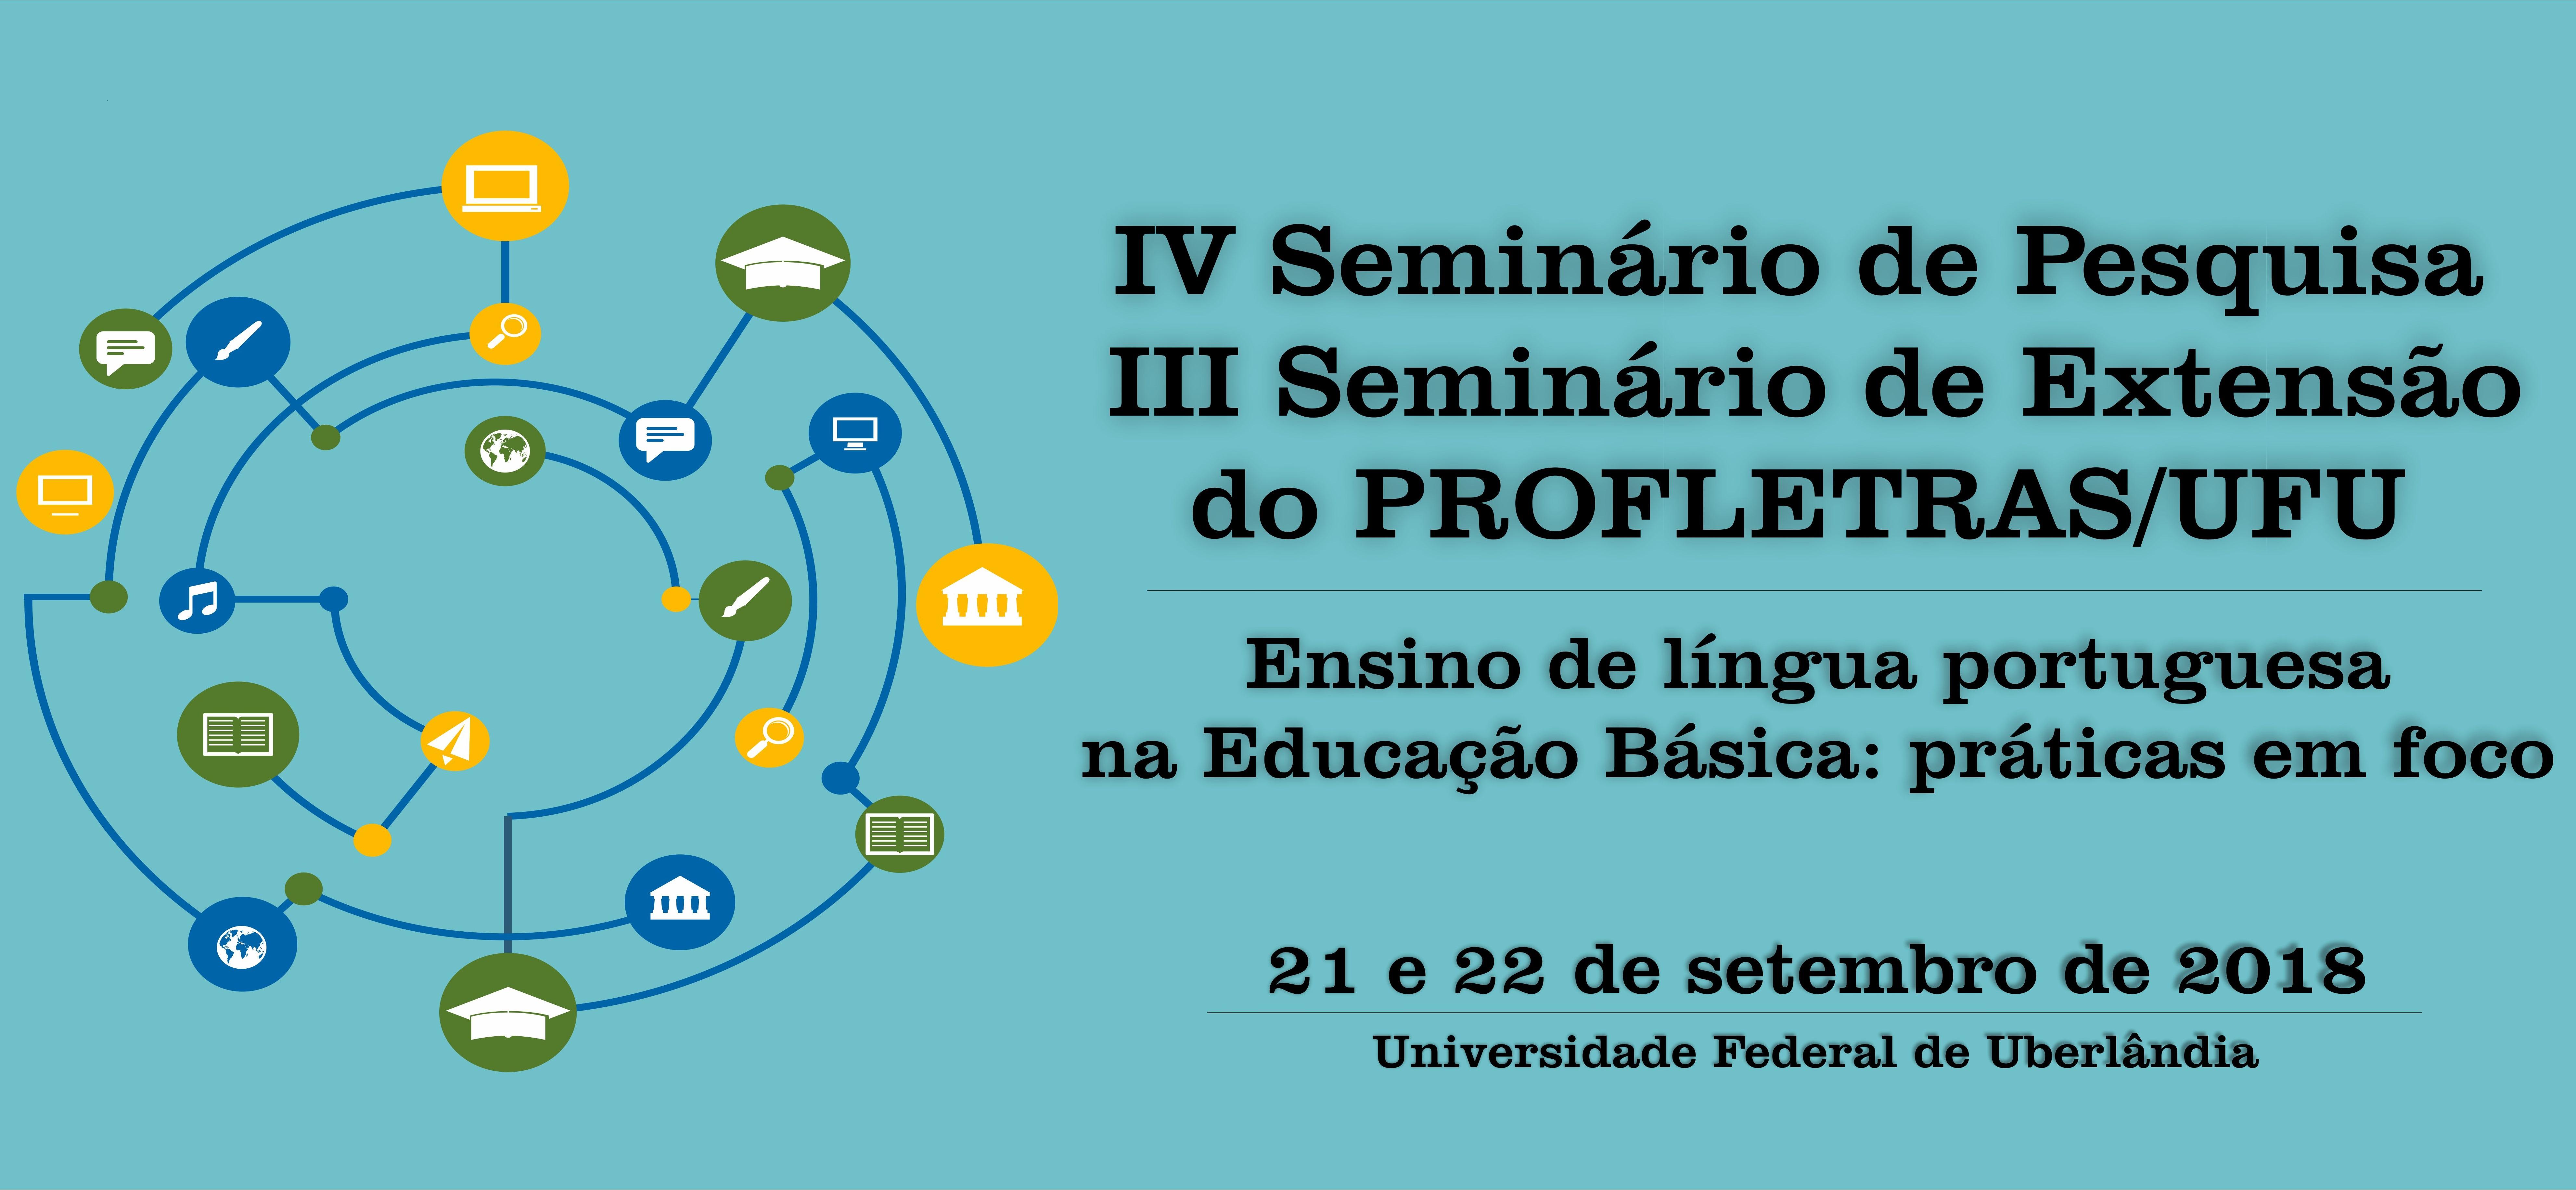 IV Seminário de Pesquisa e III Seminário de Extensão do PROFLETRAS/UFU – dias 21 e 22 de setembro de 2018